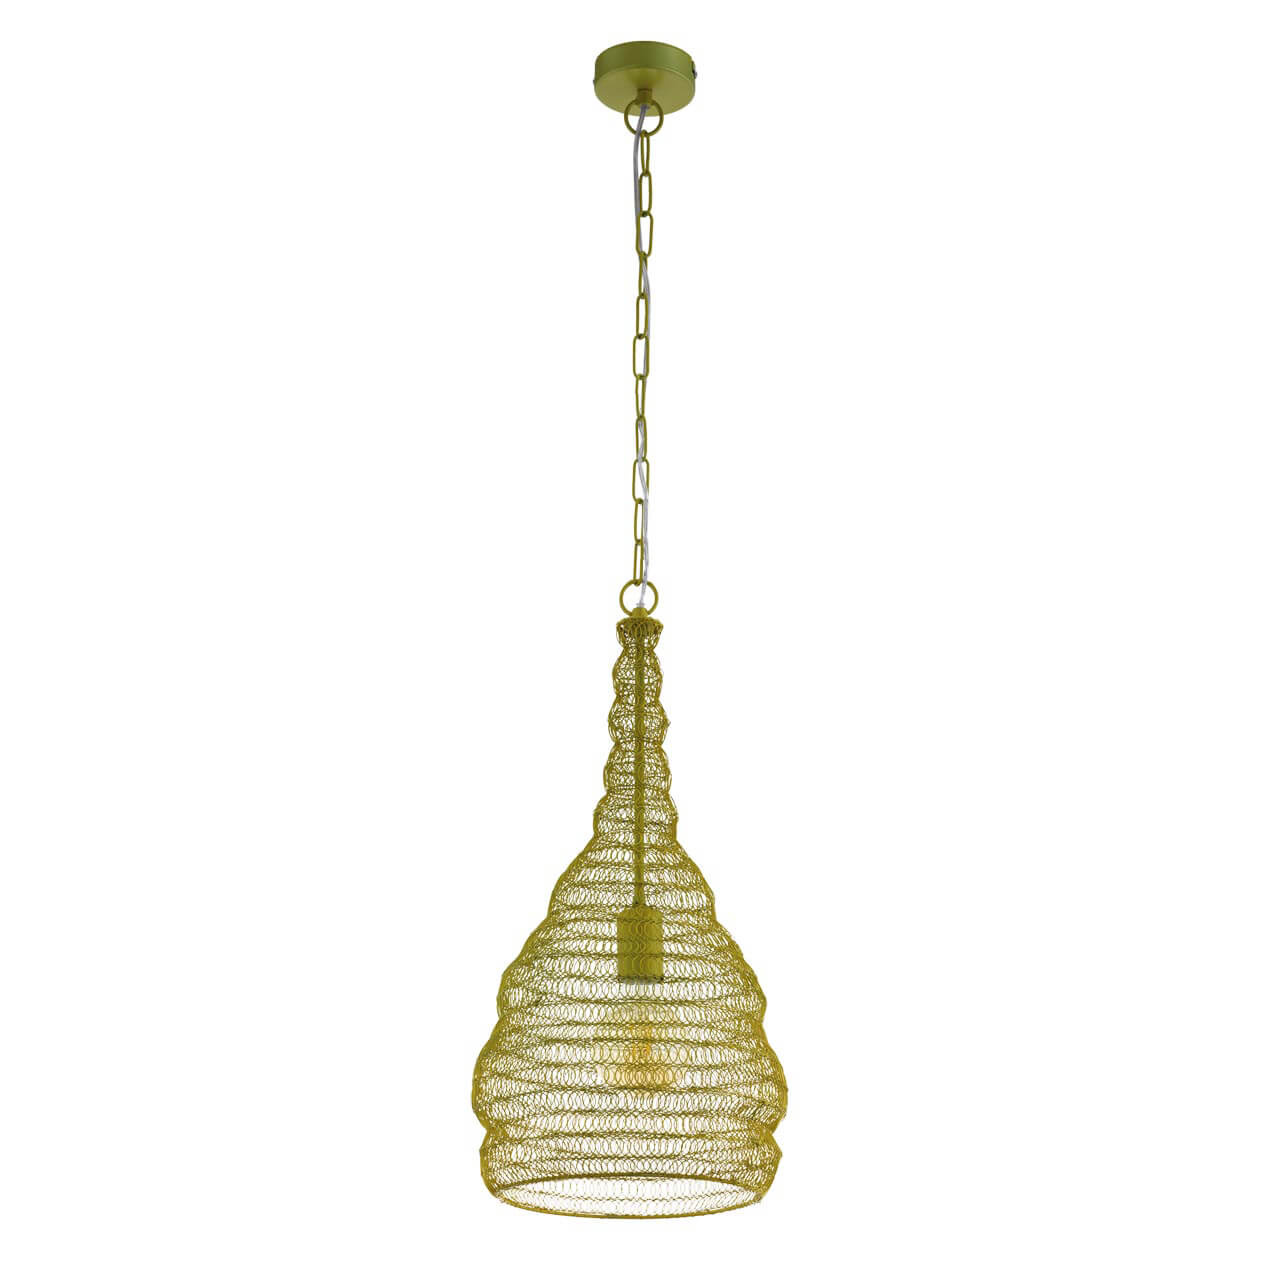 Подвесной светильник Eglo Colten 49131 цена в Москве и Питере